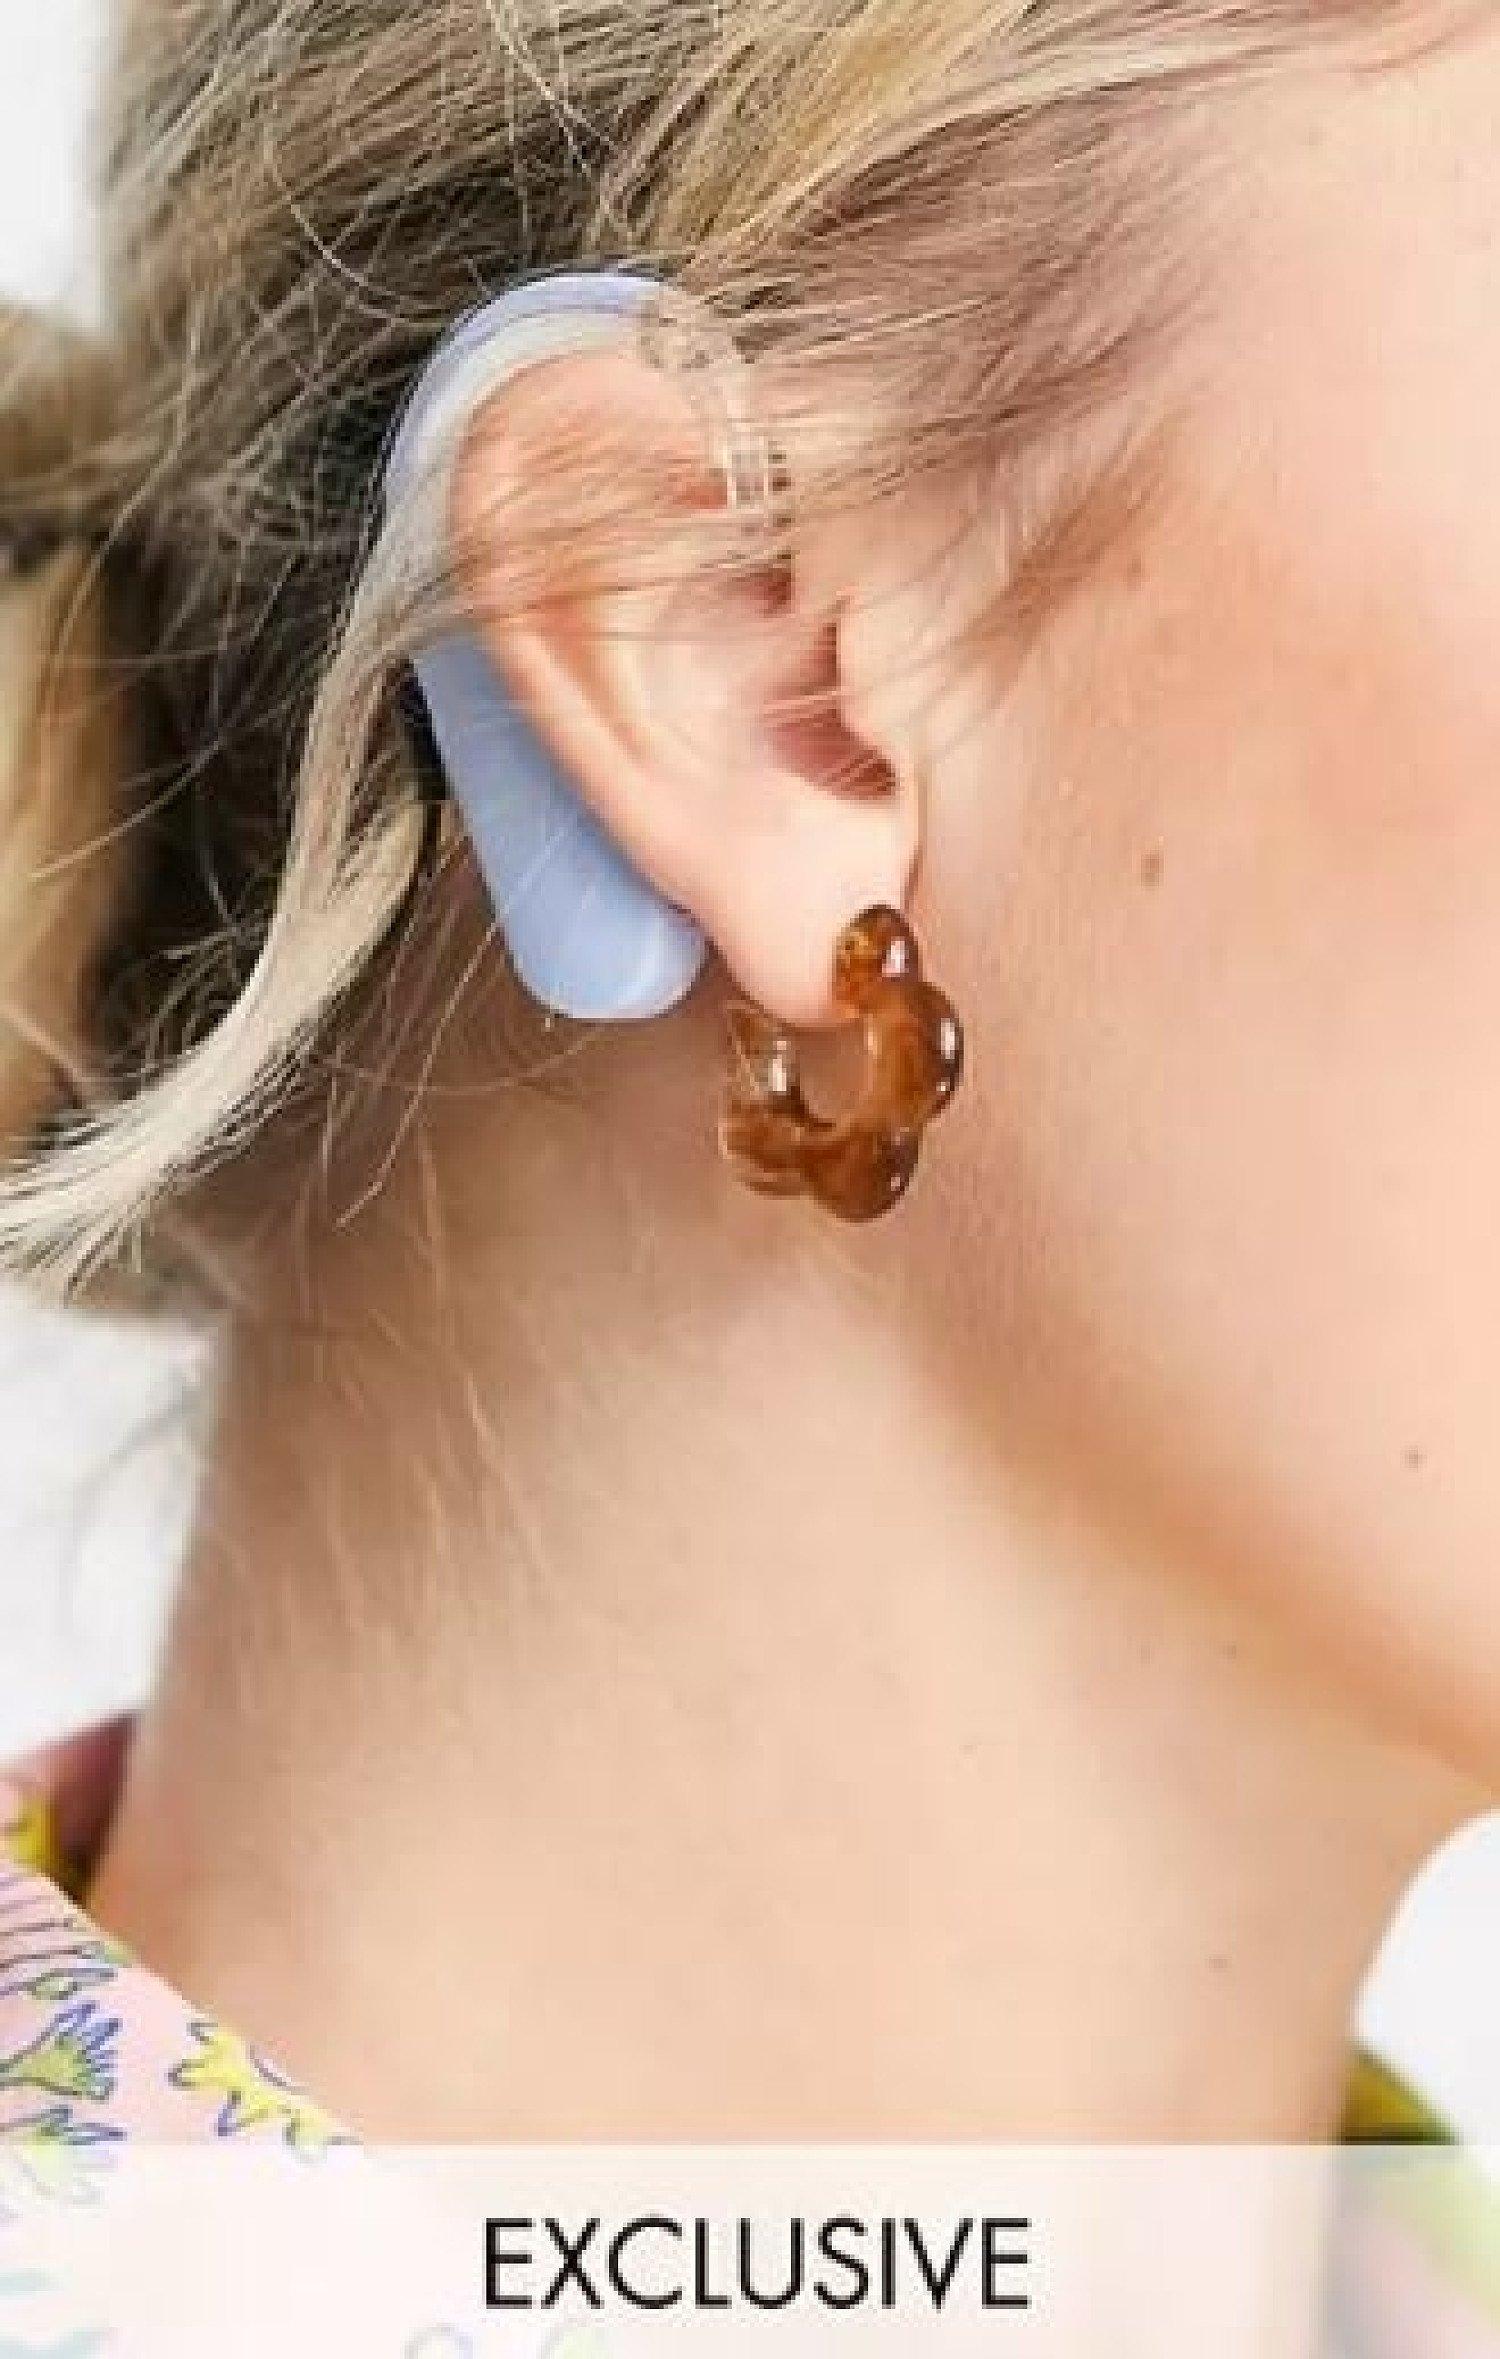 Reclaimed vintage inspired flower earrings in tortoiseshell current price - £6.00!